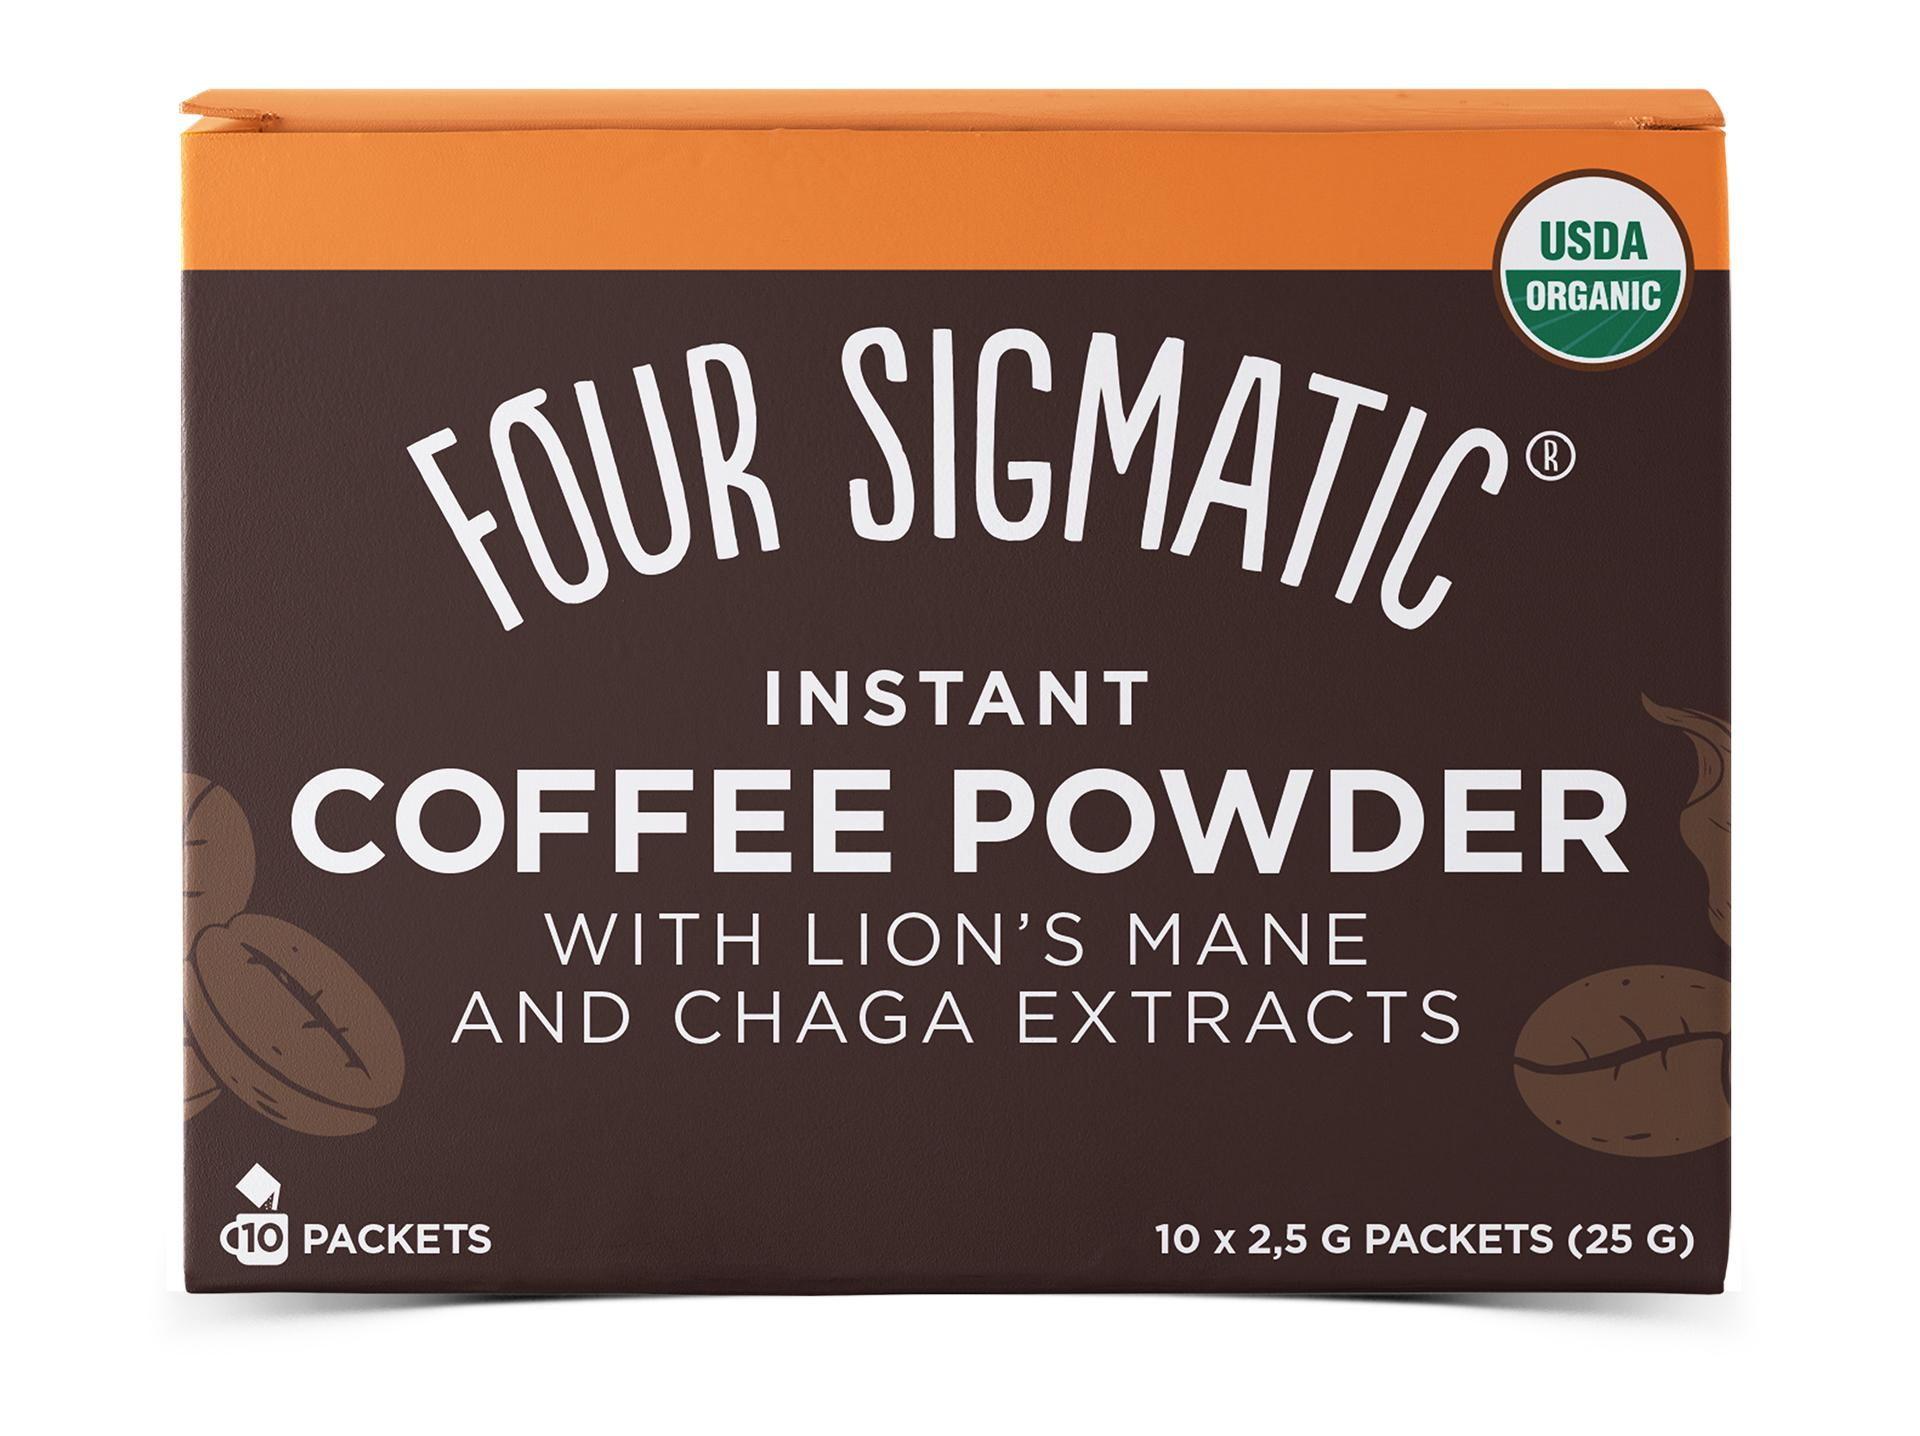 Four Sigmatic coffee powder